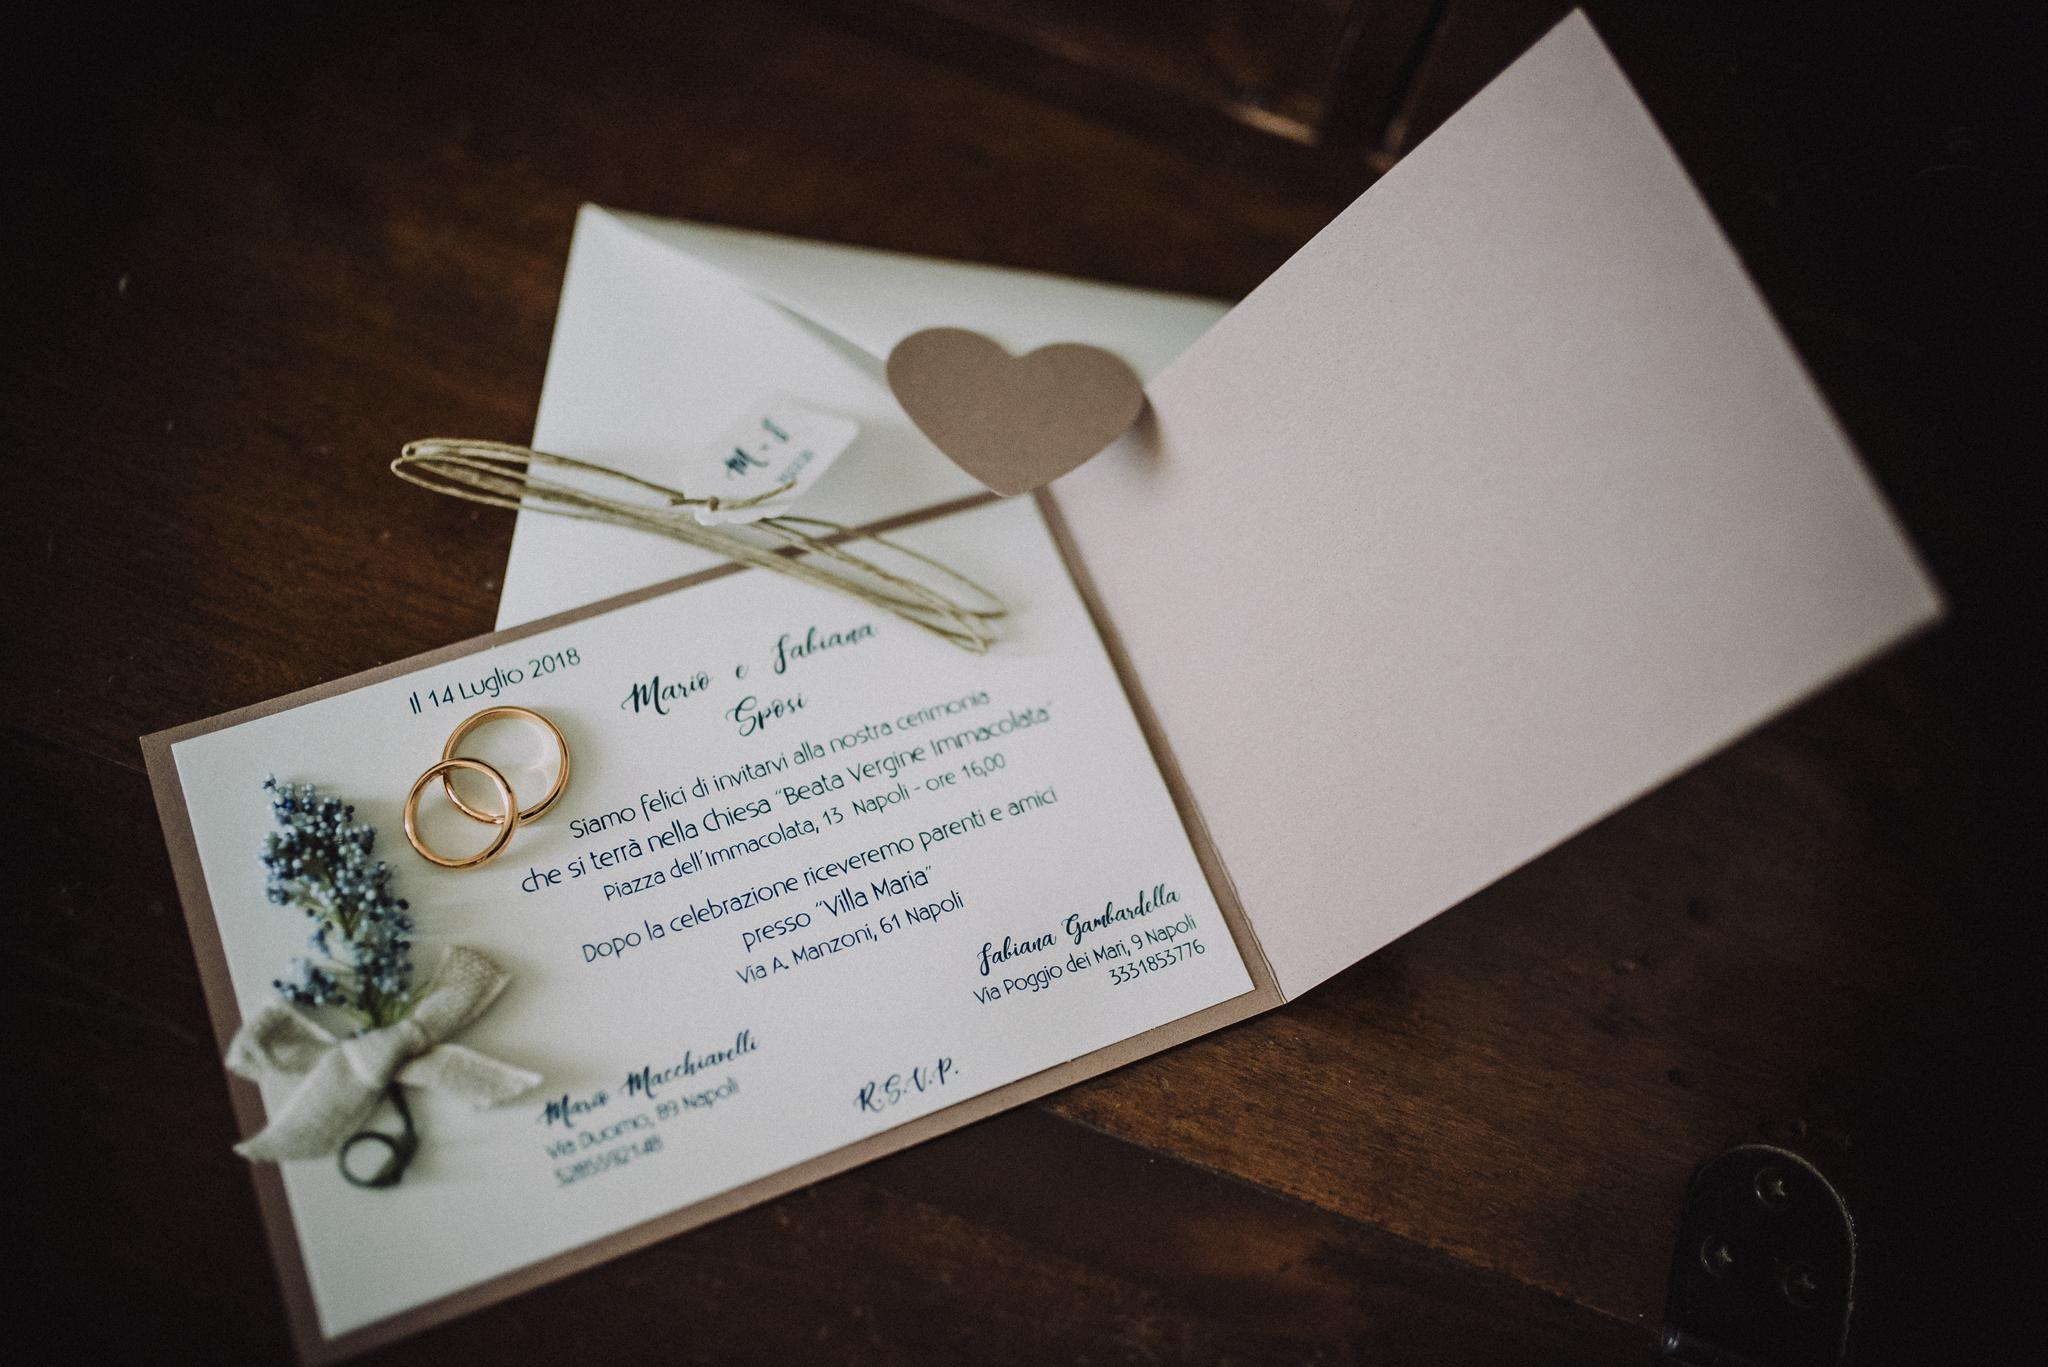 Partecipazioni Di Matrimonio Cosa Scrivere.Partecipazioni Matrimonio Cosa Scrivere Regole Ed Eccezioni